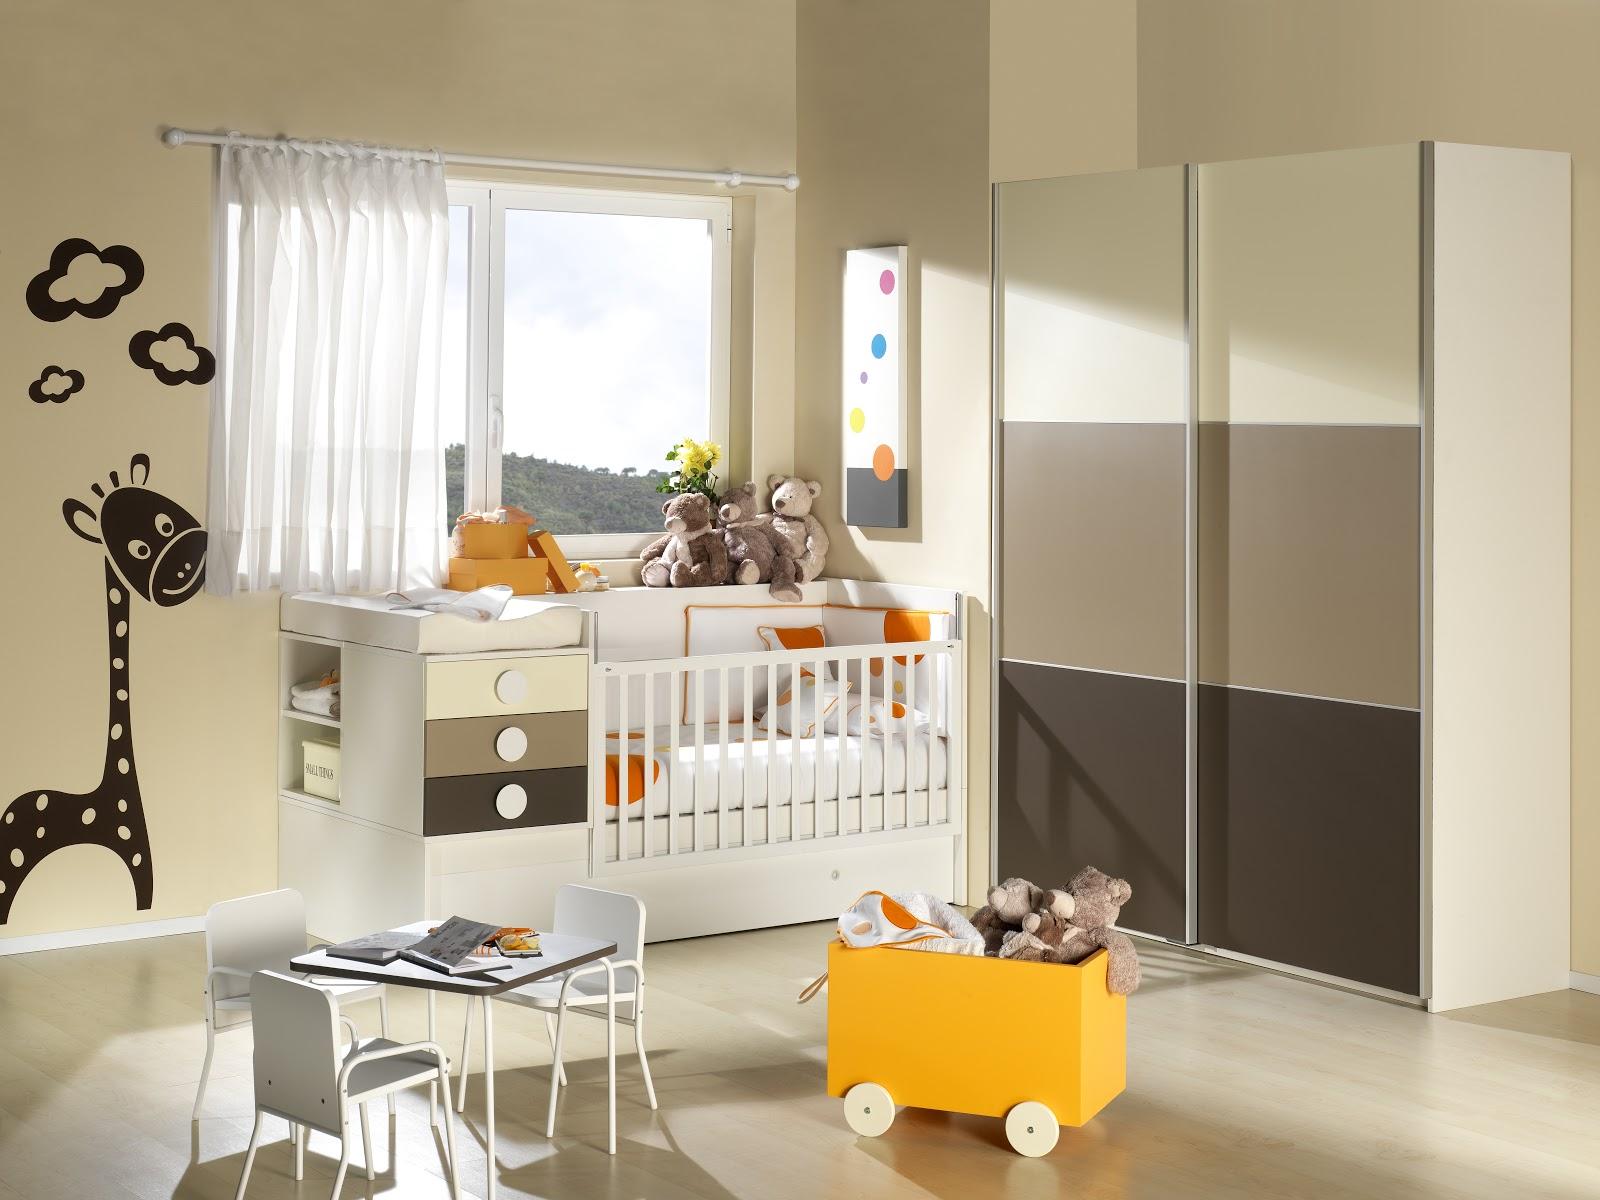 Muebles ros 100 medio ambiente 100 ros for Programa para decorar habitaciones